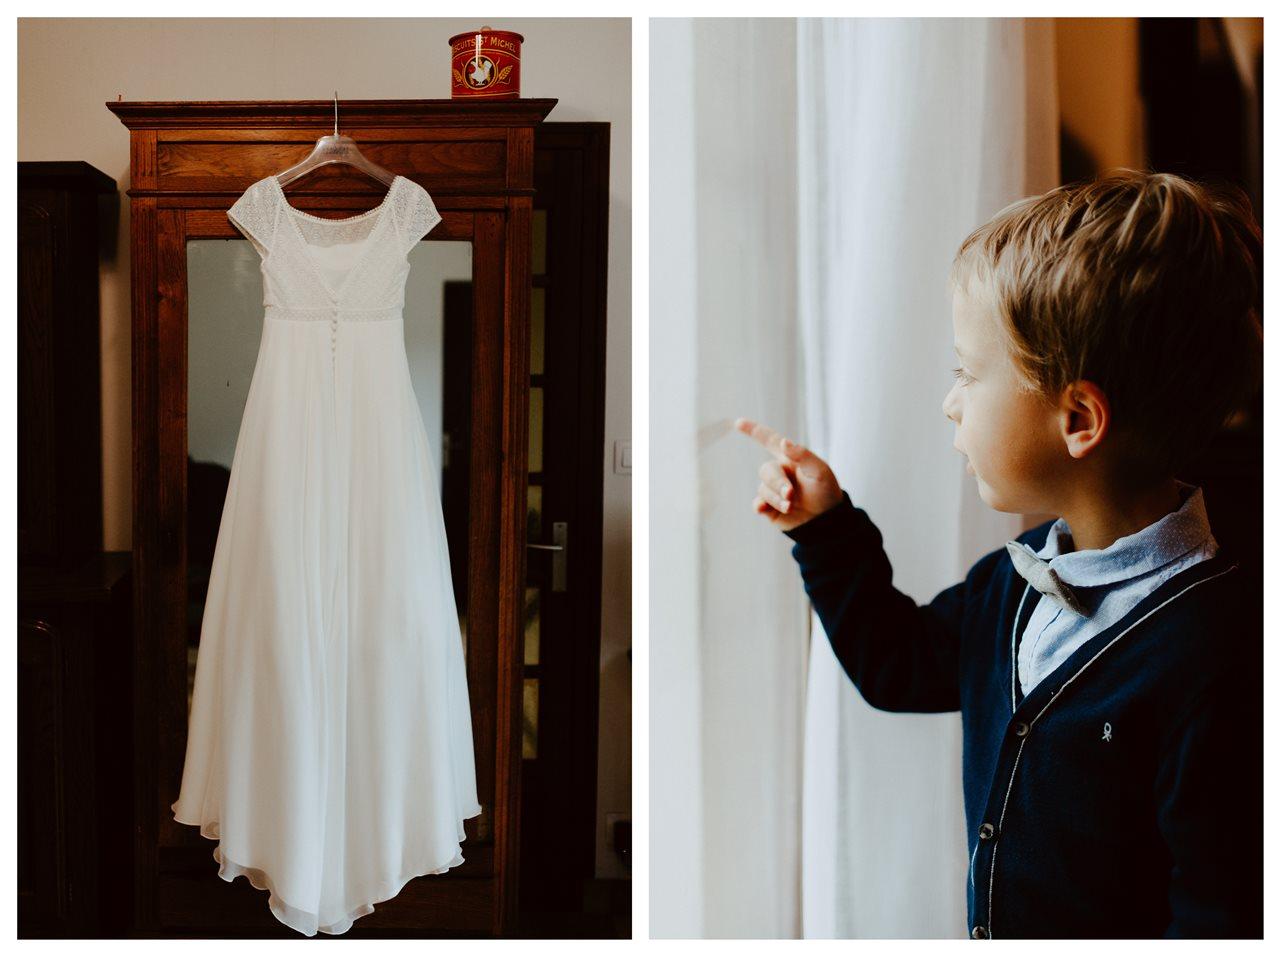 Mariage bohème nantes préparatifs robe mariée portrait enfant